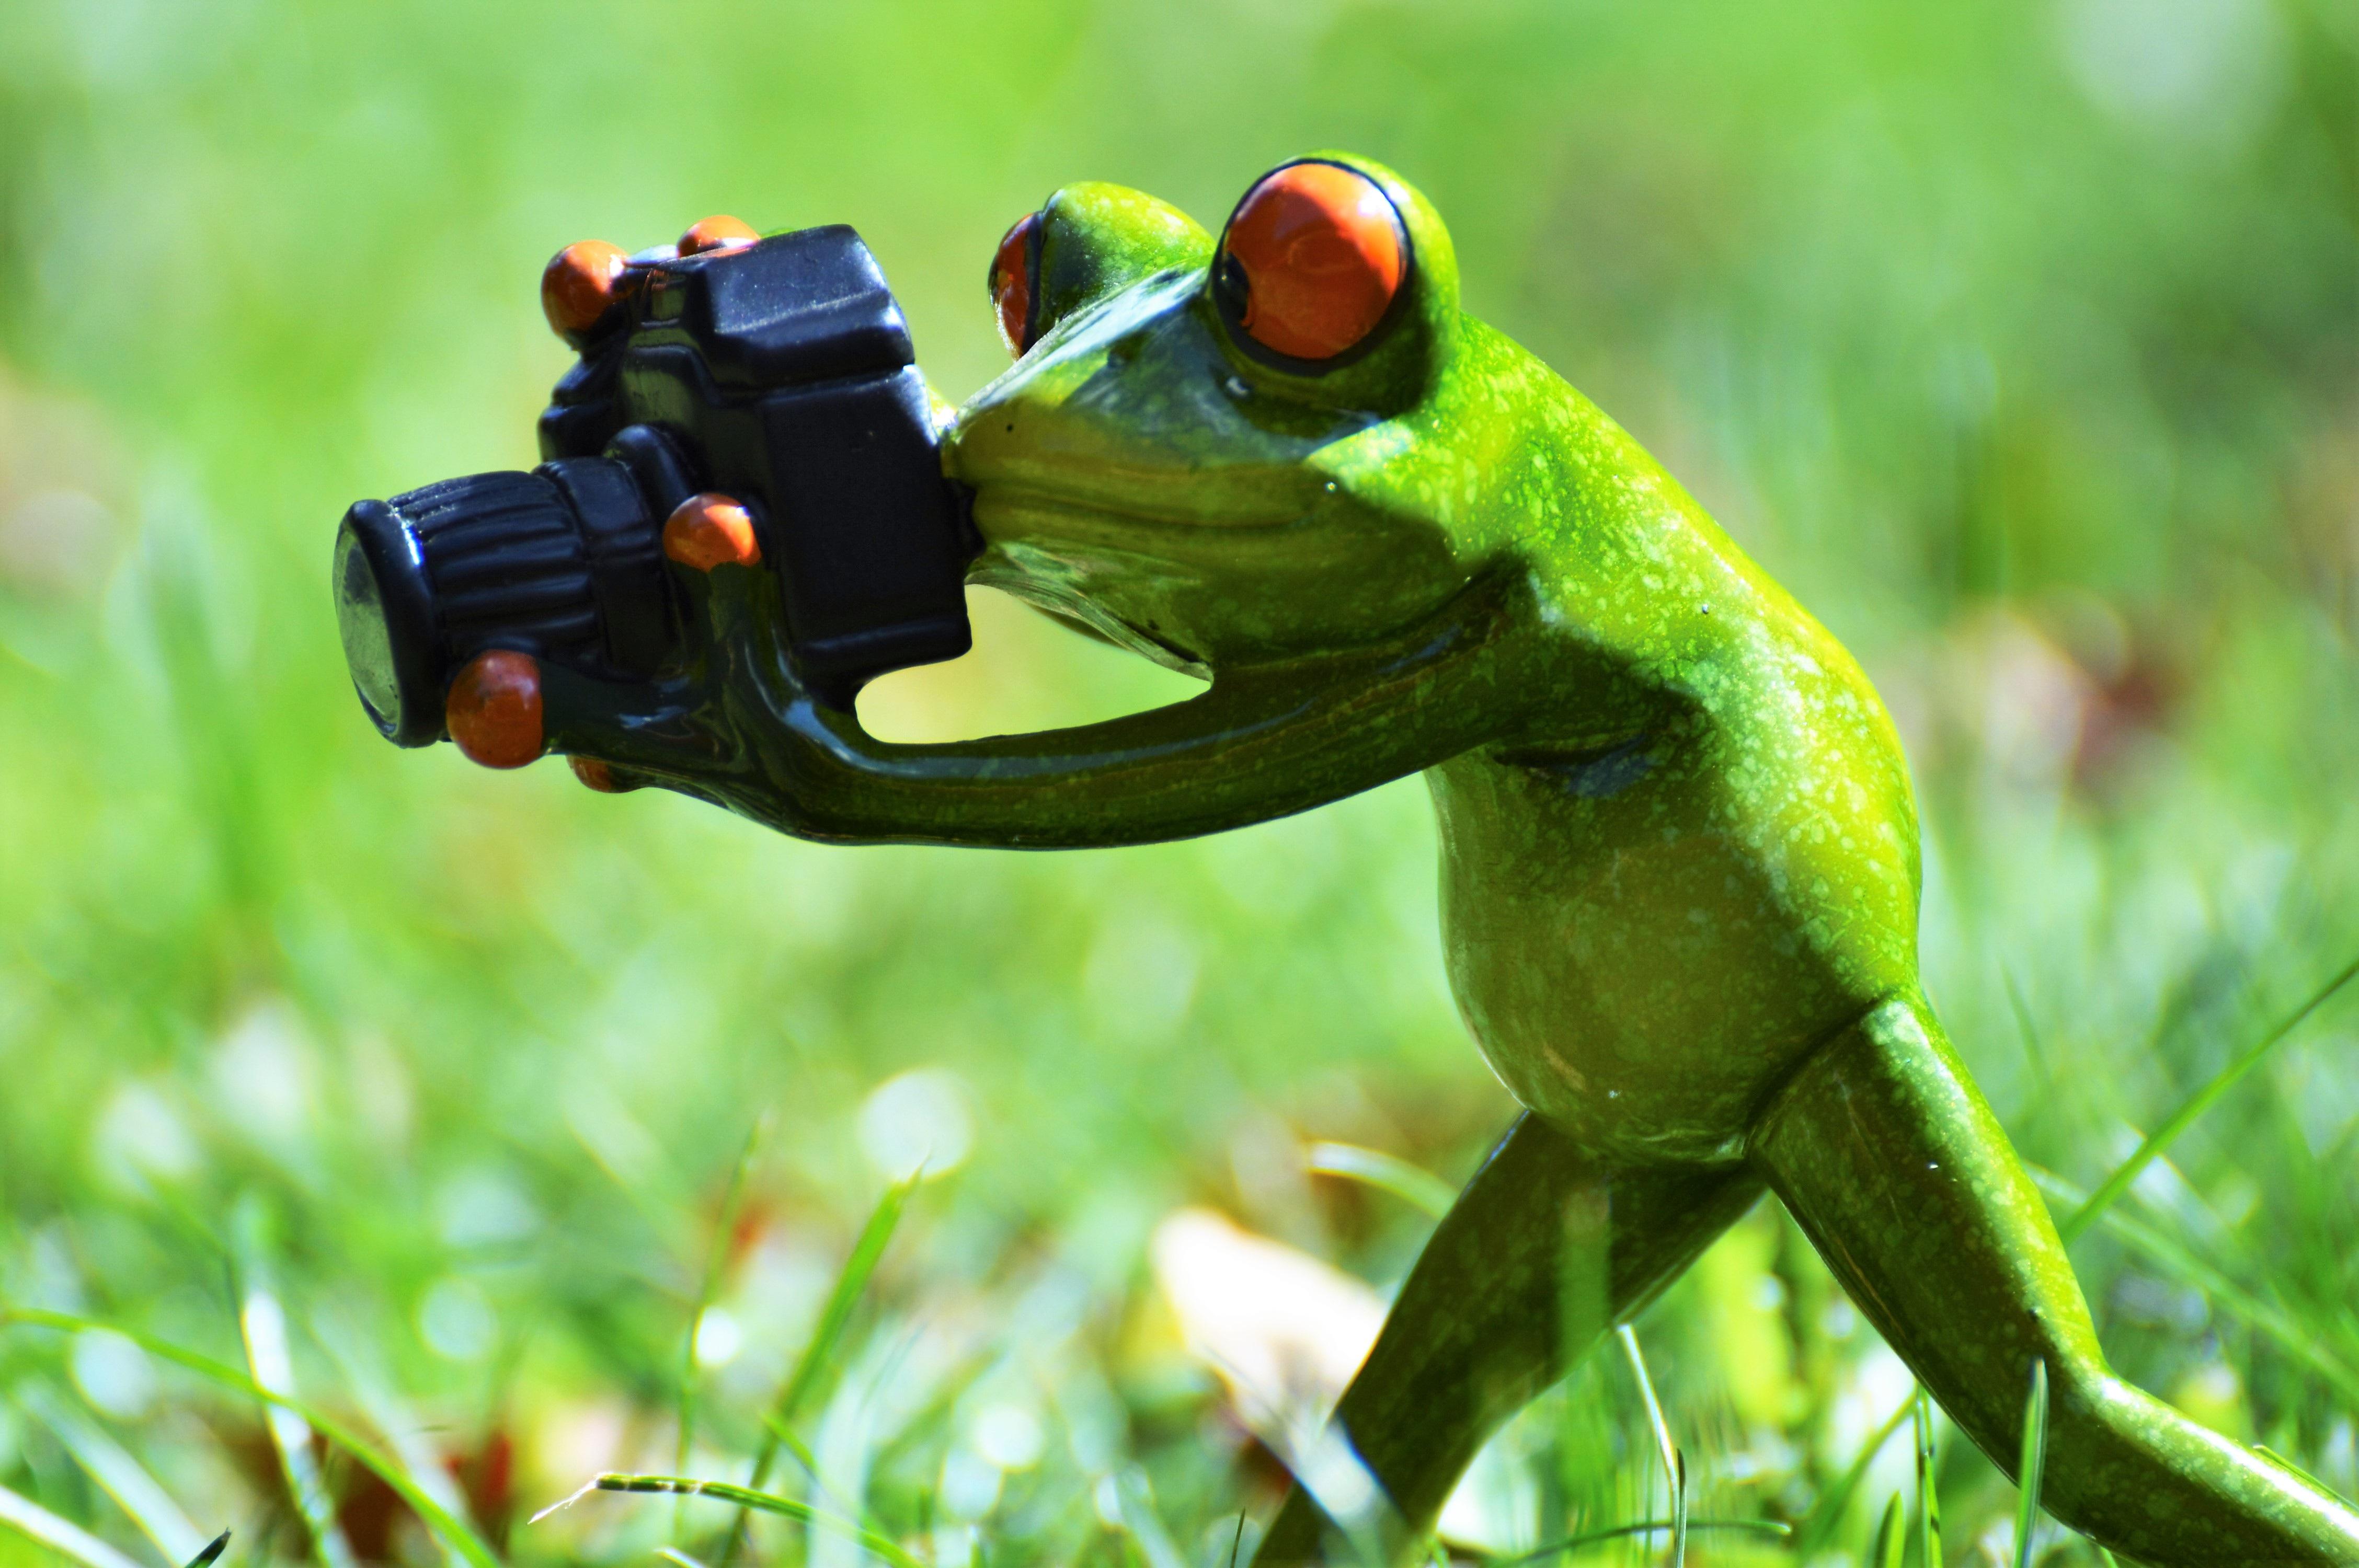 Populair Gratis Afbeeldingen : camera, fotograaf, dier, wildlife, groen #BW56